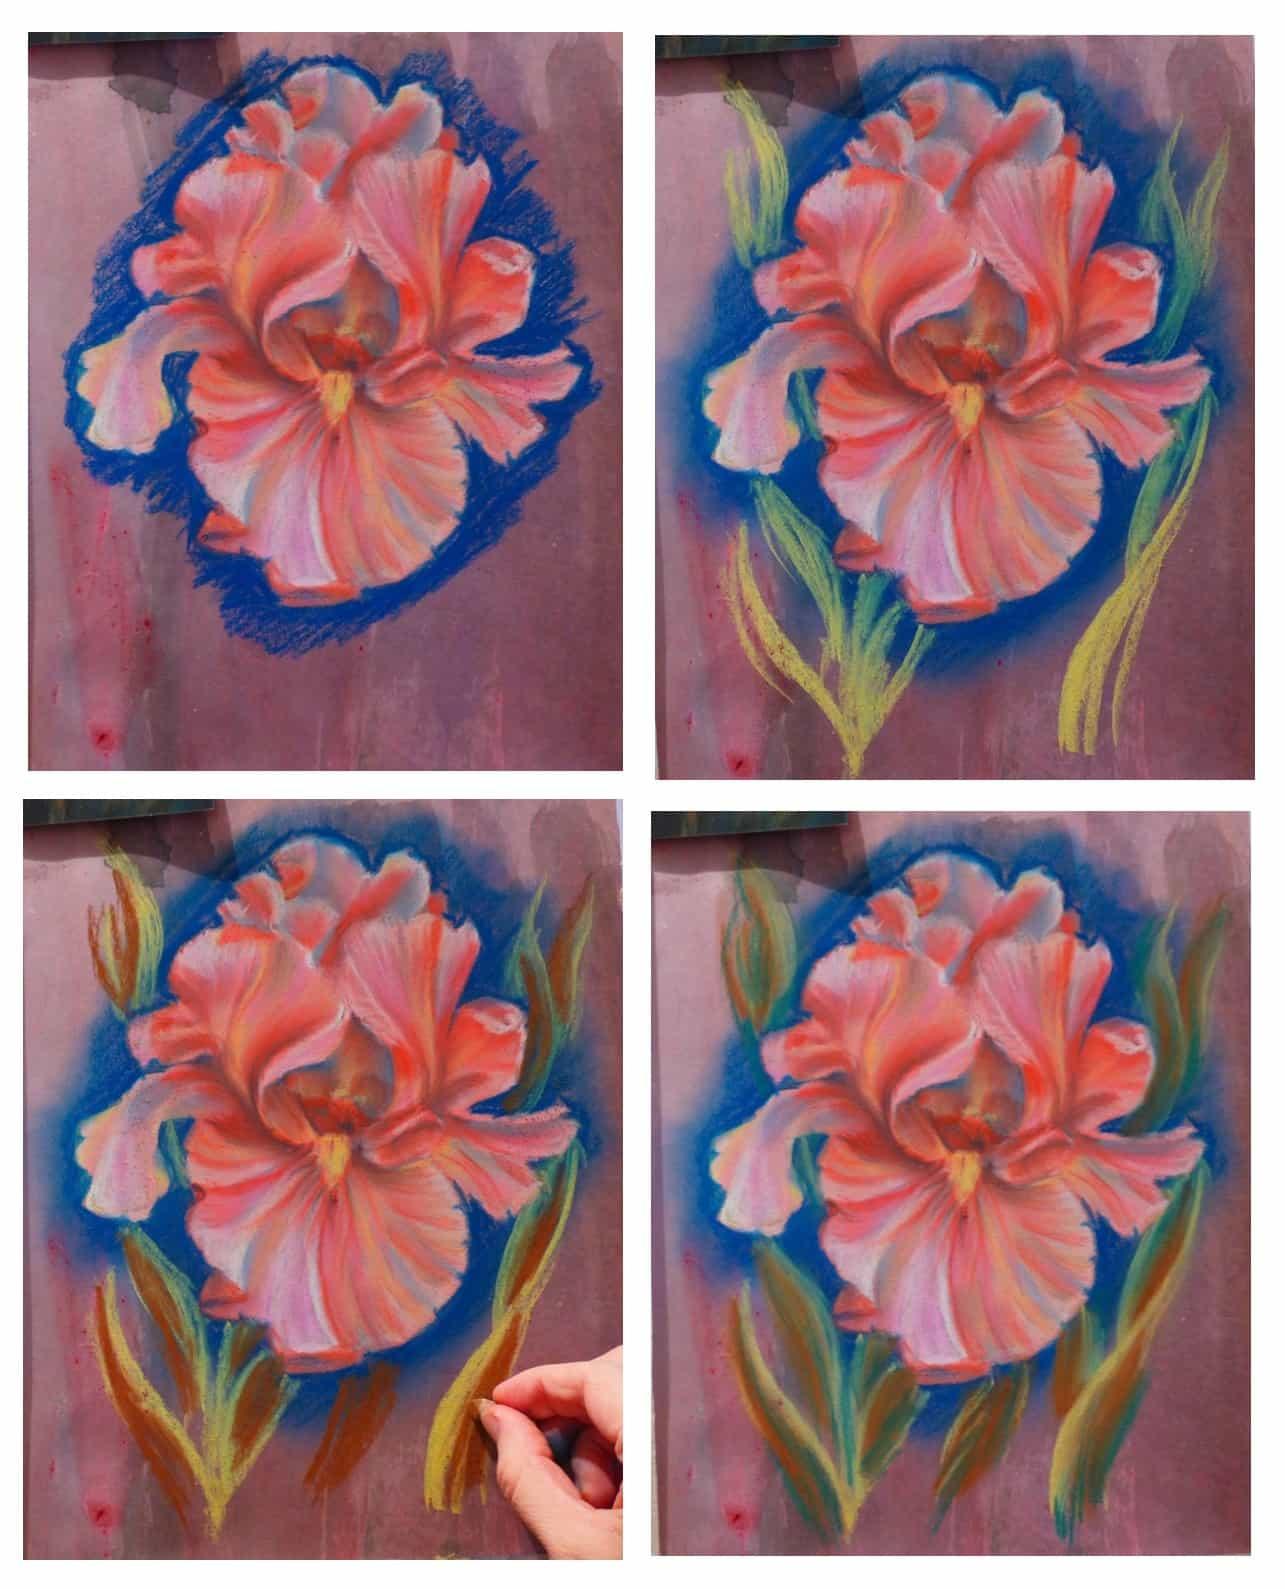 цветочный мастер-класс, розовые ирисы